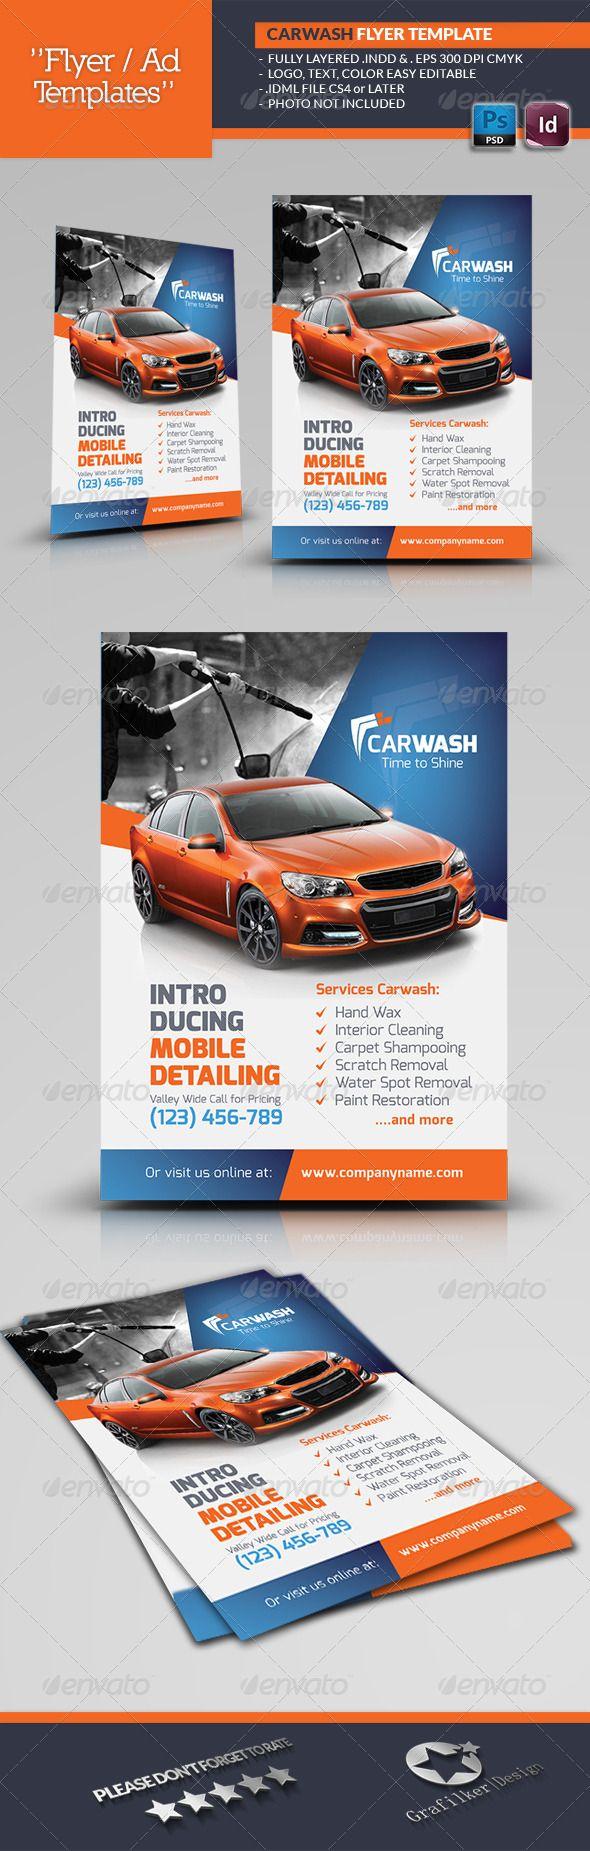 car wash flyer templates brochure pinterest lavar lava y lavaderos. Black Bedroom Furniture Sets. Home Design Ideas